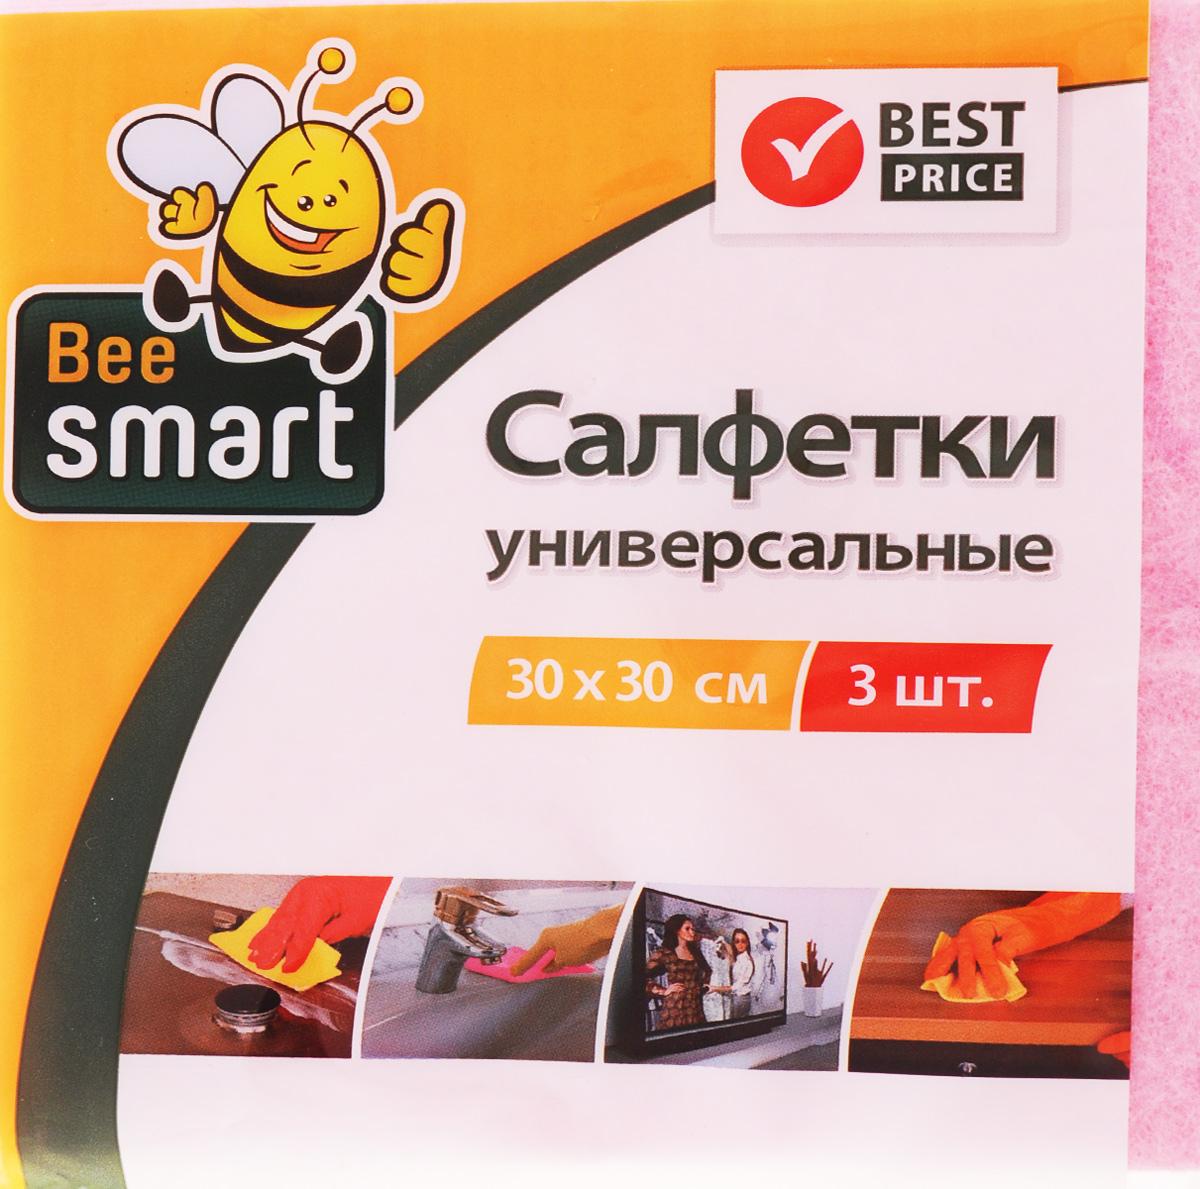 Набор универсальных салфеток Beesmart, 30 х 30 см, 3 шт6.295-875.0Набор Beesmart, выполненный из нетканого полотна (вискоза, полиэстер), состоит из 3 салфеток. Изделия предназначены для сухой и влажной уборки. Отлично впитывают жидкости, жиры, масла. Пригодны для многоразового использования, долговечны, не оставляют следов и ворсинок. Размер салфетки: 30 х 30 см.